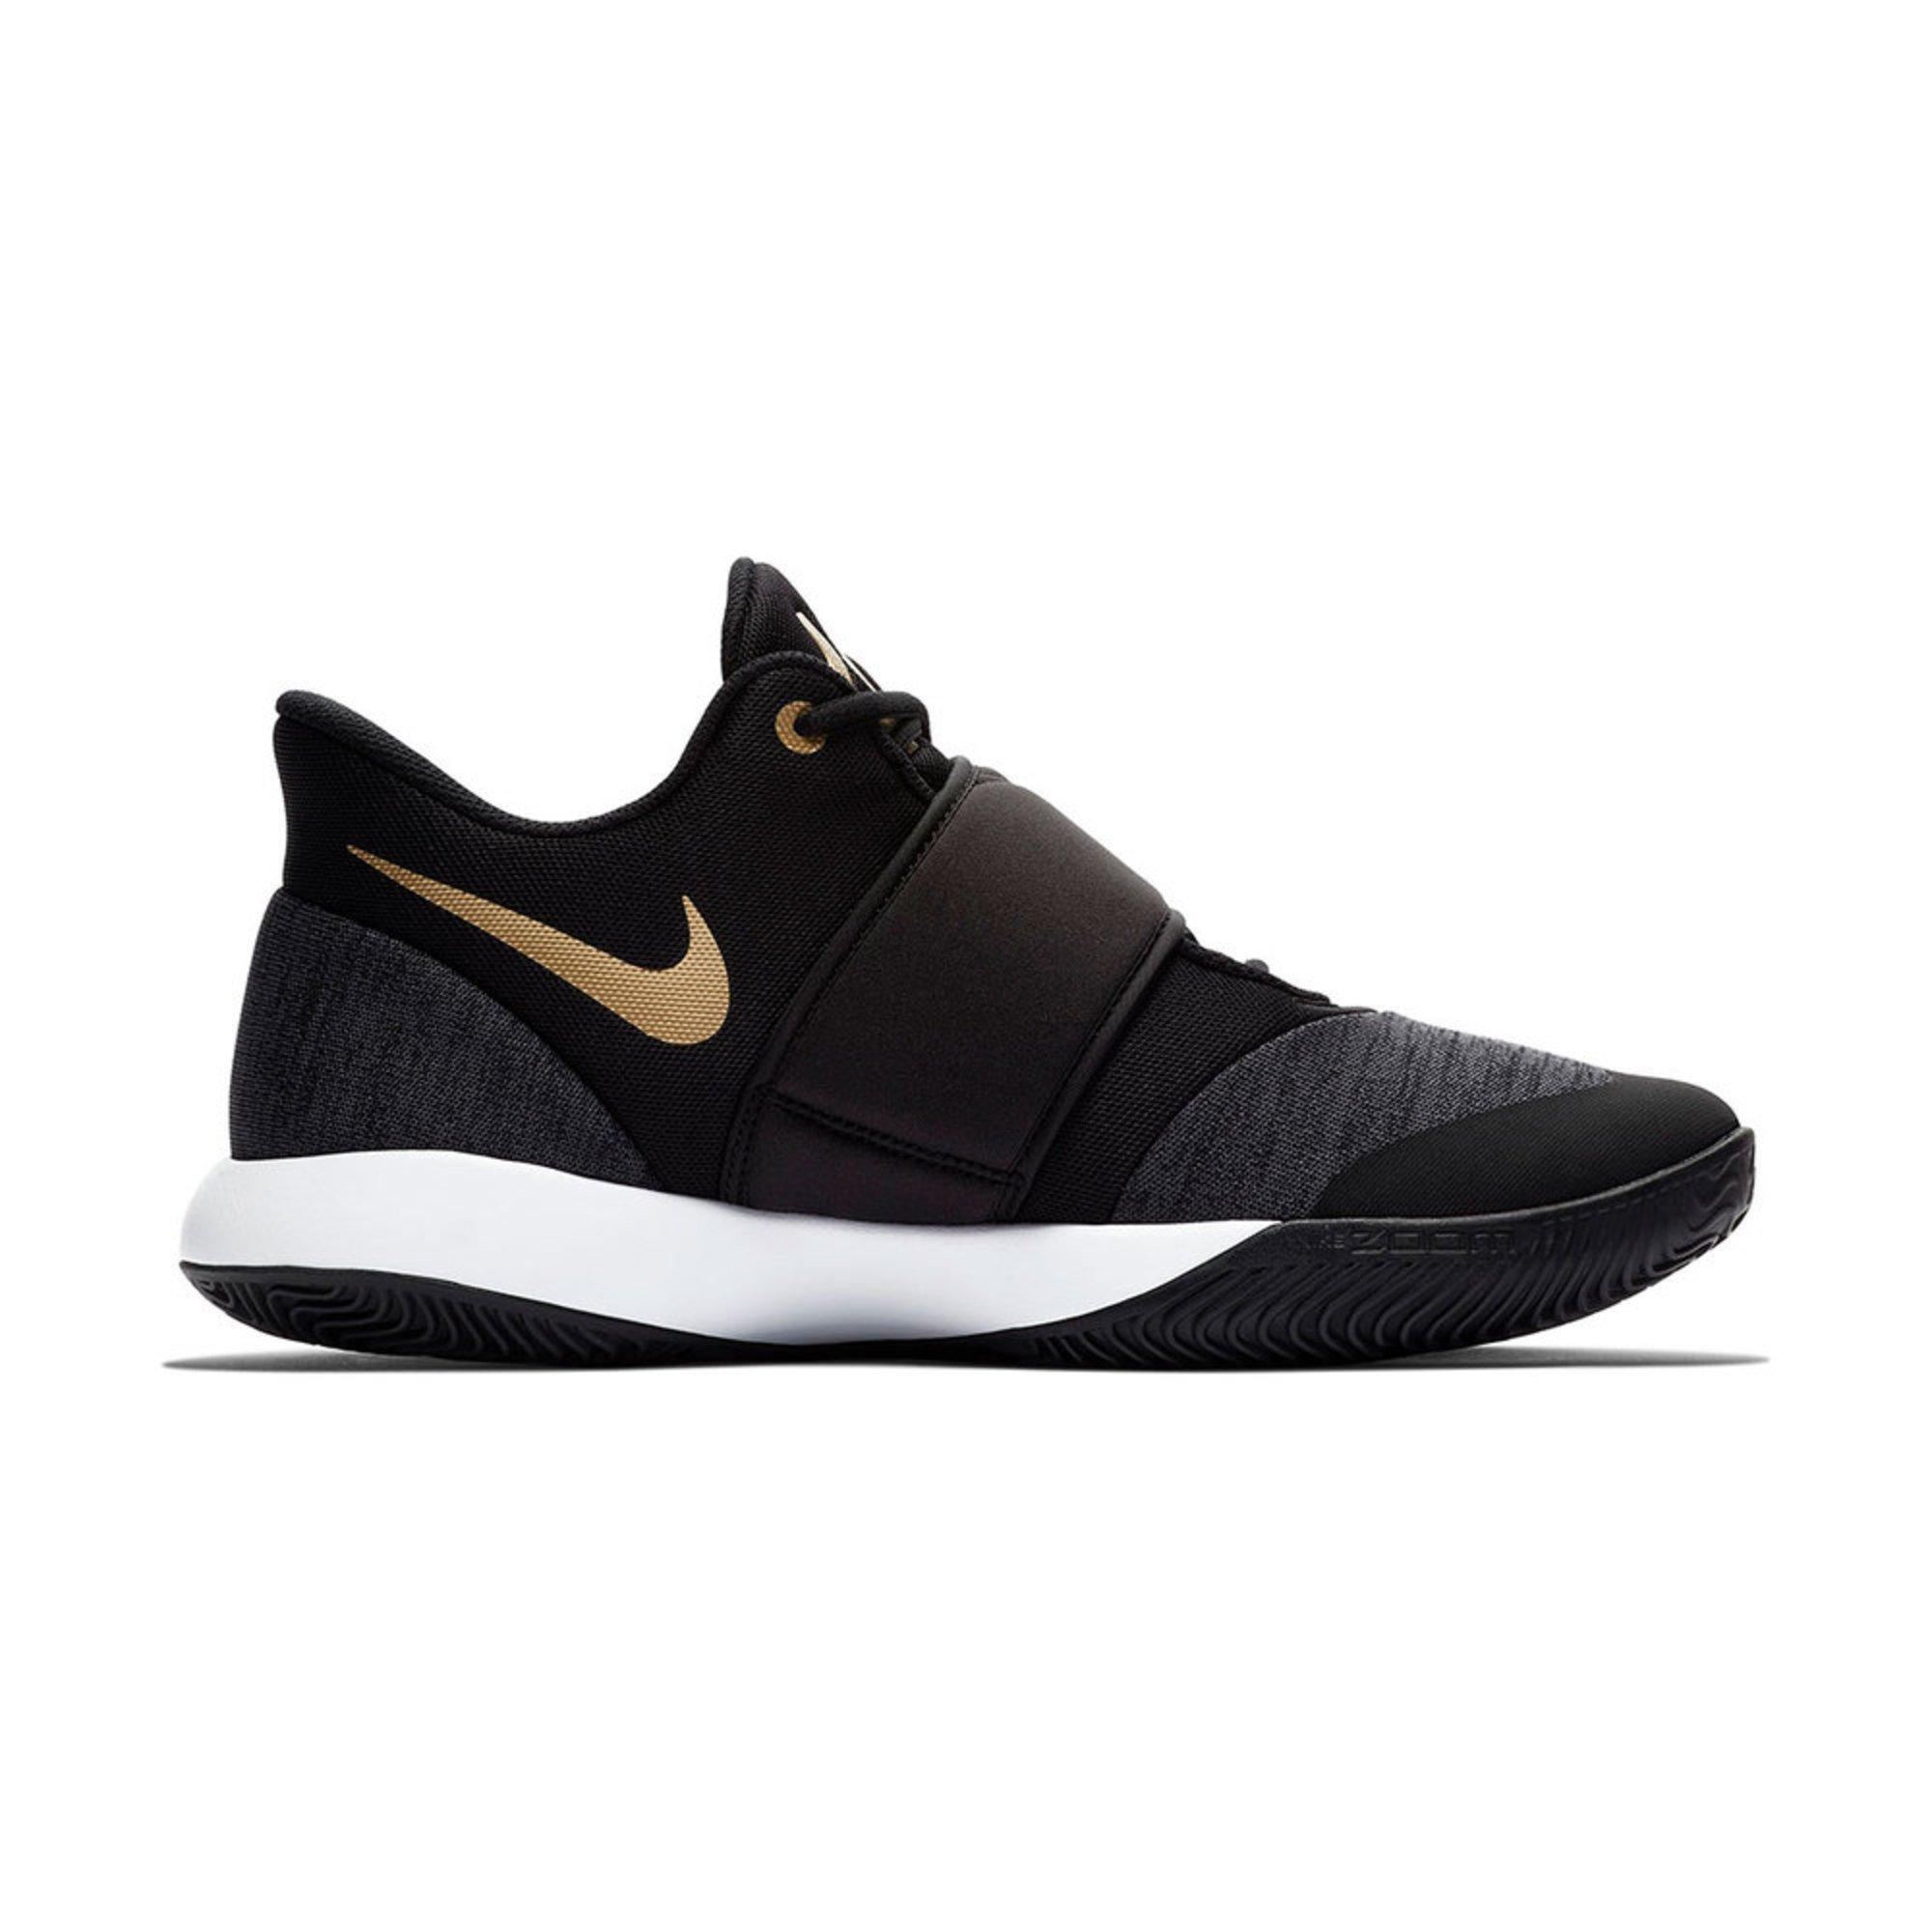 a1aea89736e7 Nike. Nike Men s KD Trey 5 VI Basketball Shoe